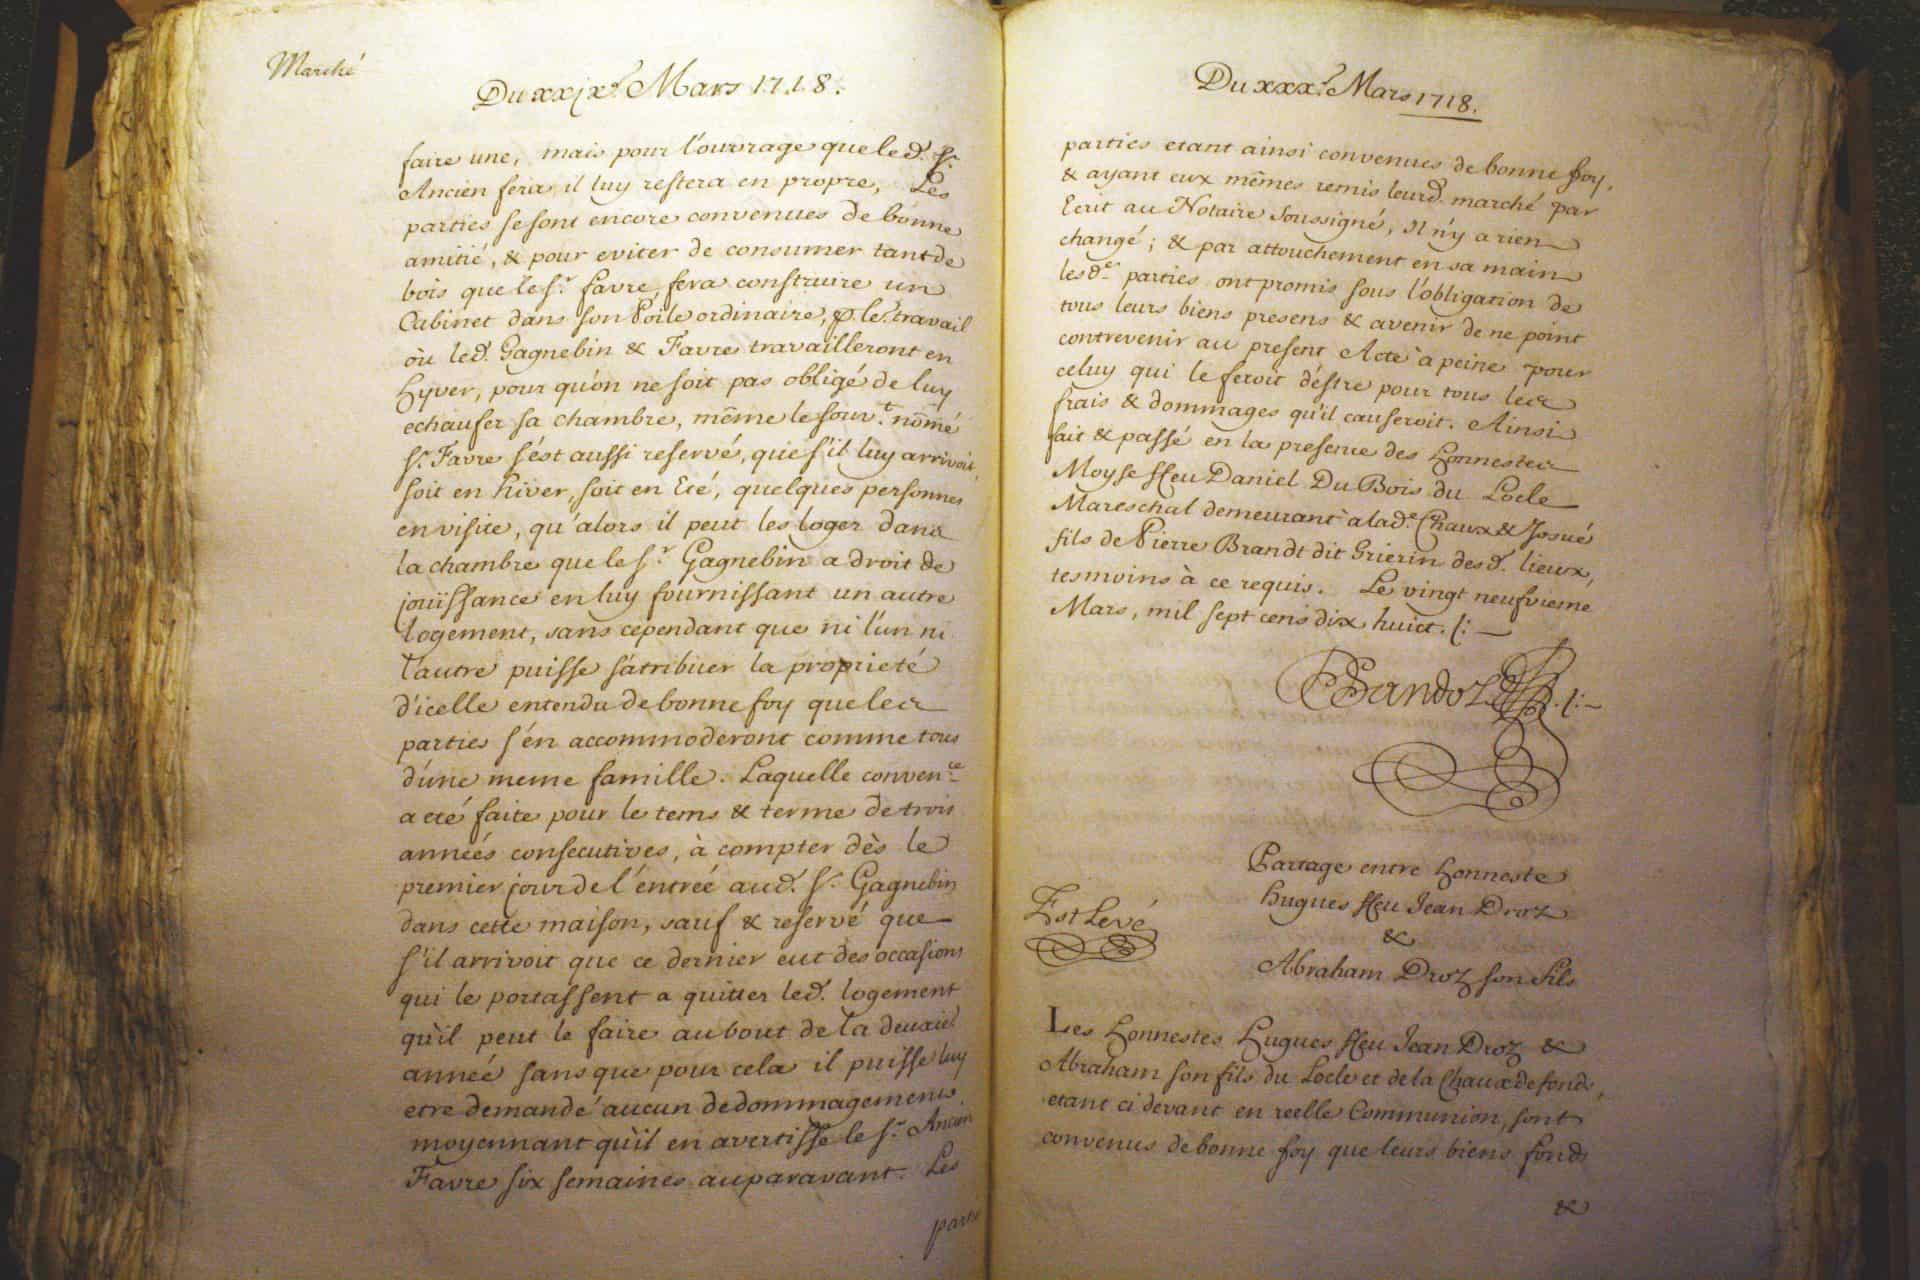 Seiten 3 und 4 des Dokuments zur Gründung von Favre-Leuba